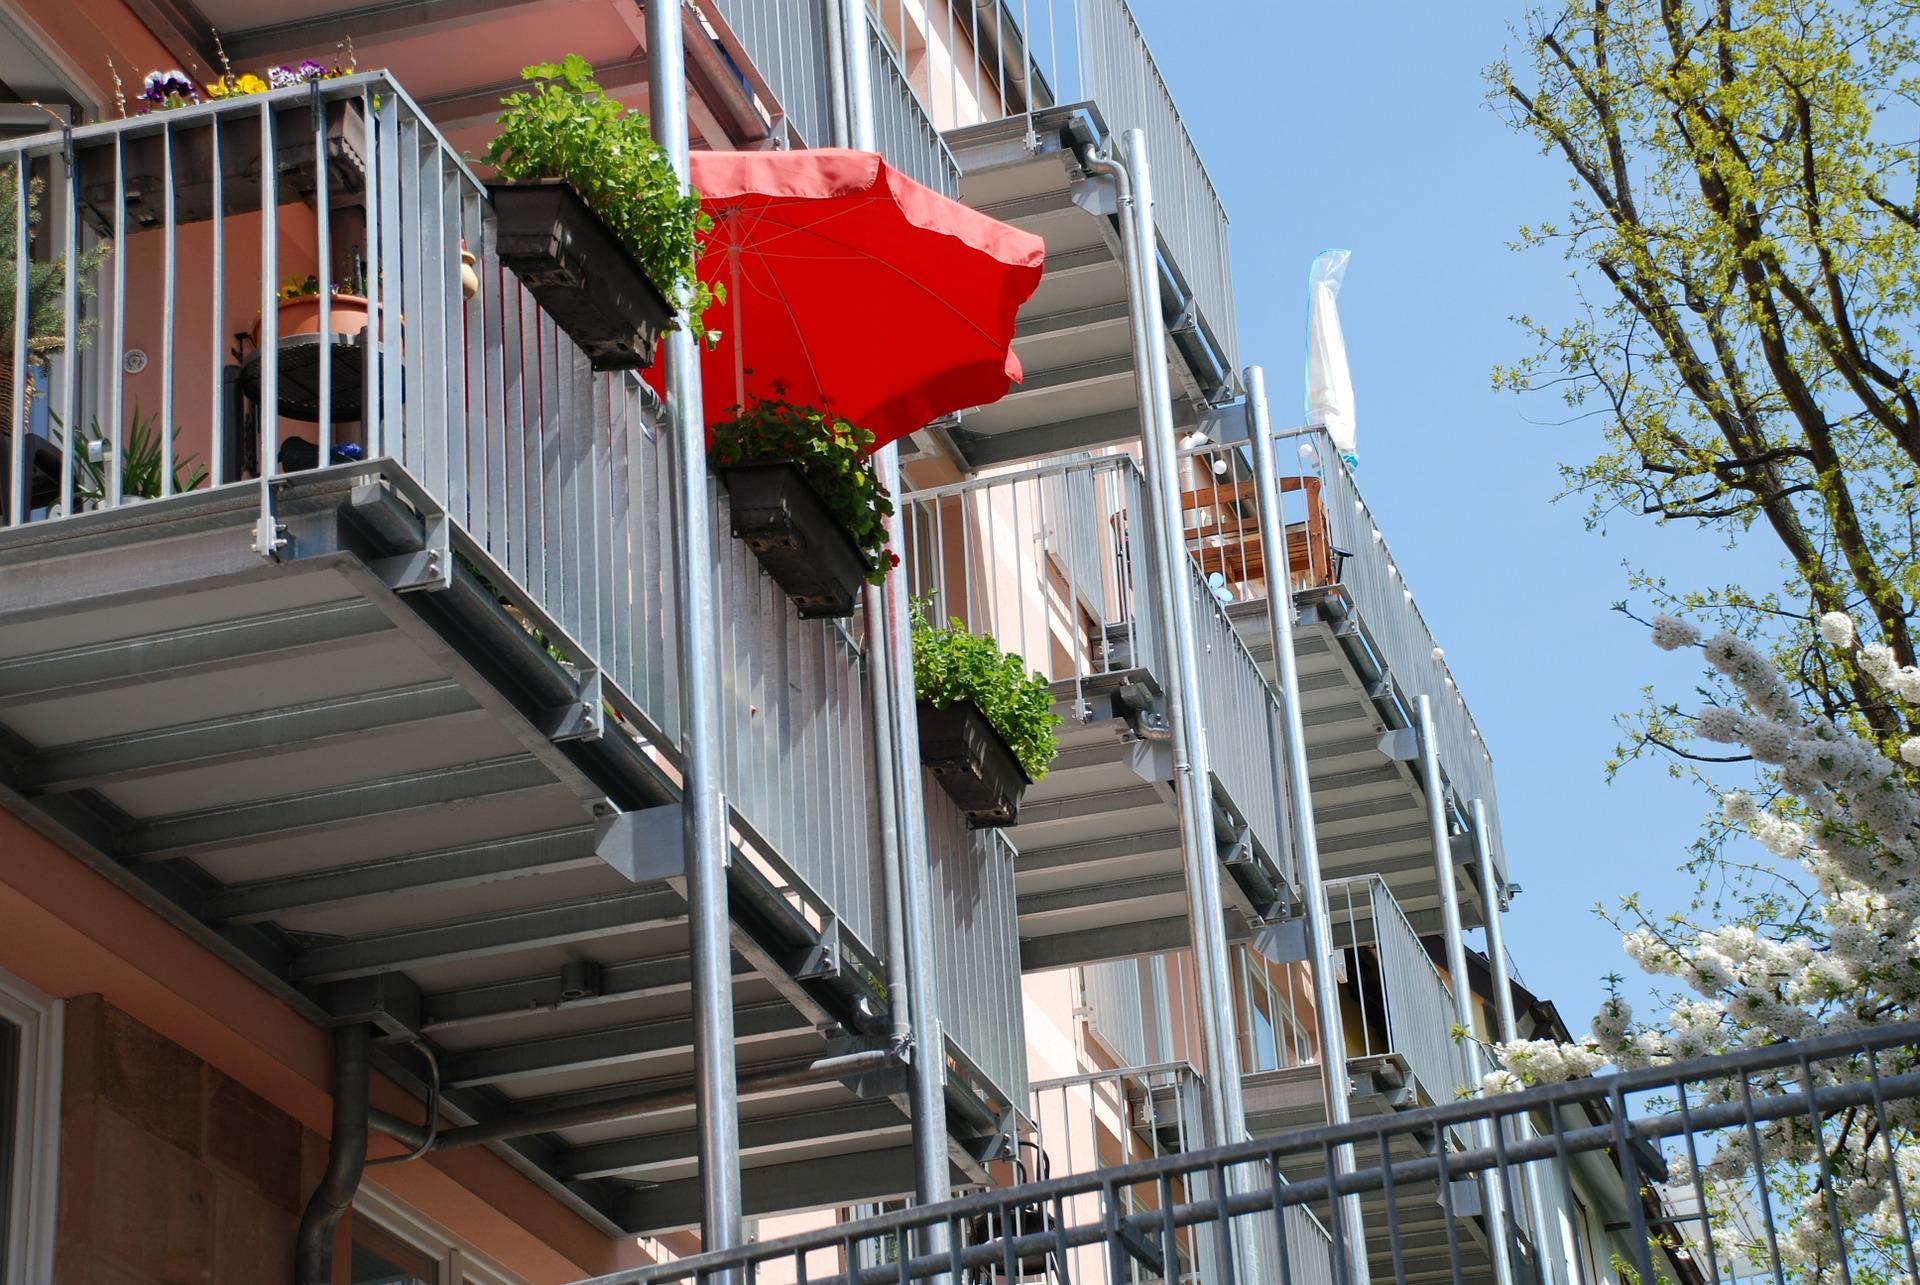 Sichtschutz Balkon Schutz Vor Blicken Seitlich Vorne